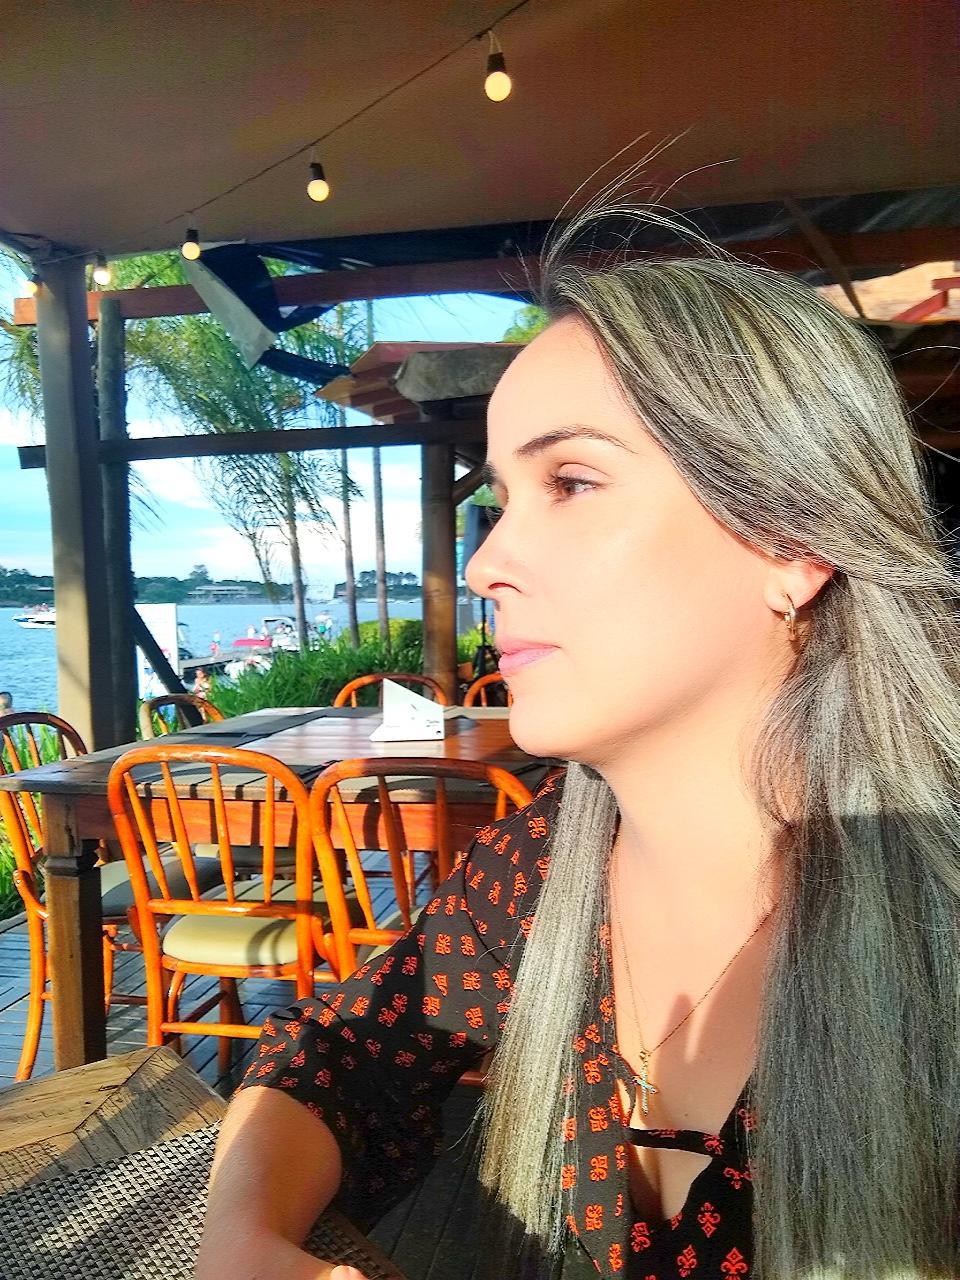 Karla Kristina de Souza